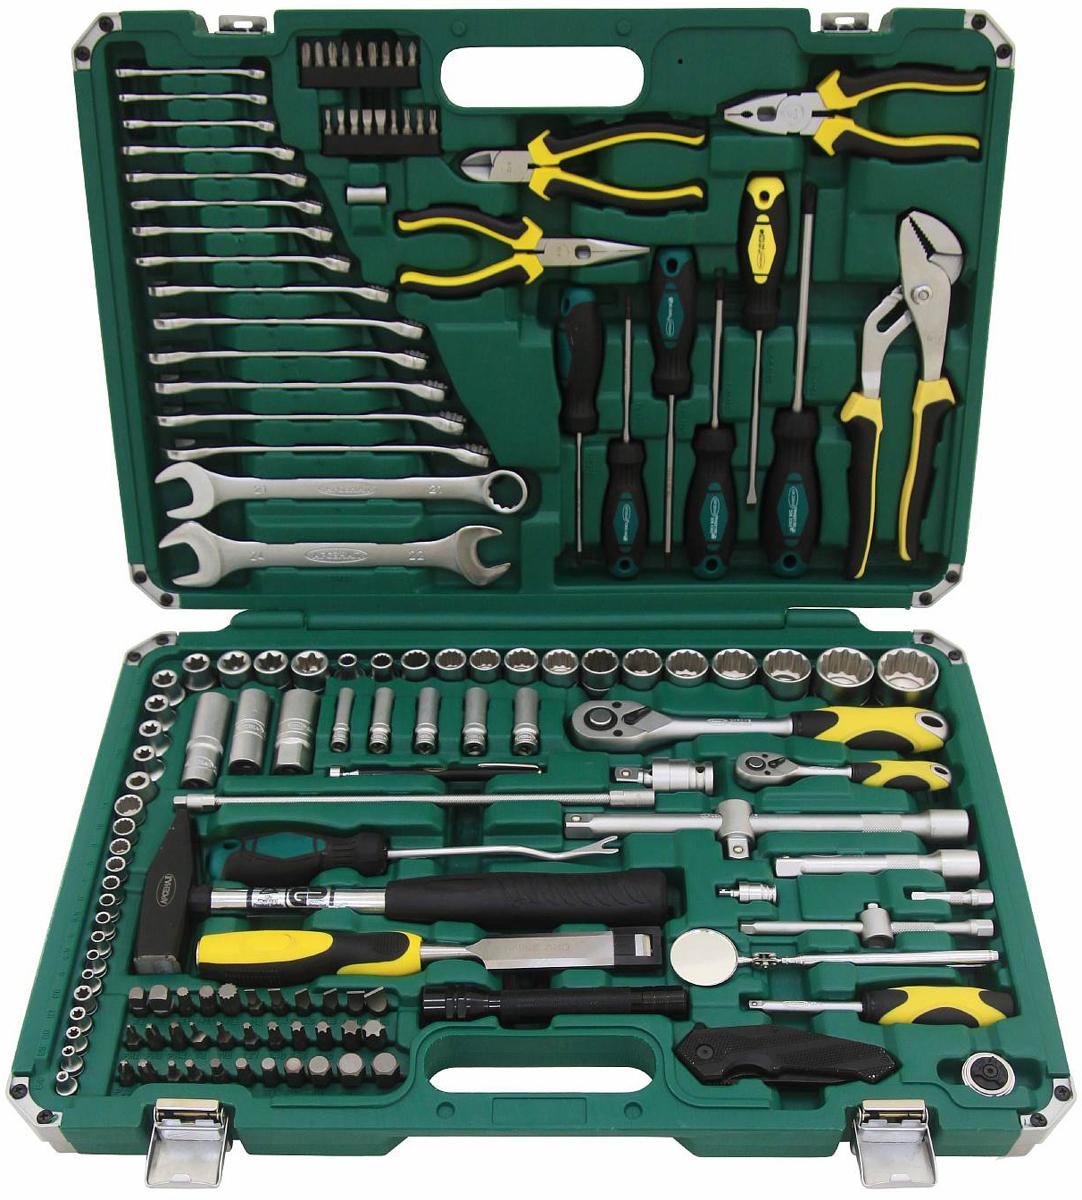 Набор инструментов Арсенал, общефункциональный, 144 предмета8086340Набор инструмента ARSENAL TSM144ABP-WTG (8086340) включает в себя общефункциональные инструменты и инструменты для арматурных работ, используется для ремонта российских автомобилей и содержит 144 предмета. Инструменты Арсенал предназначены для профессионального ремонта в автомастерских.Комплектация:Привод 1/4- Двенадцатигранные головки, 10 штук: 4, 4.5, 5, 5.5, 6, 7, 8, 9, 10, 13 мм- E-головки Torx (звезды), 5 штук: Е4, Е5, Е6, Е7, Е8- Удлиненные двенадцатигранные головки, 5 штук: 8, 10, 11, 12, 13 мм- Удлинители: 50, 150 мм- Гибкий удлинитель 300 мм- Отвертка с присоединительным квадратом- Шаровой шарнир- Трещотка с быстрым сбросом, 72 зуба- Скользящий переходник 1/4(М)х3/8(F)- Трещотка кистевая- Биты: - Шлицевые биты, 5 штук: 3, 4, 5, 6, 7 мм - Биты Phillips, 5 штук: PH.0, PH.1, PH.2, PH.3, PH.4 - Биты Pozidriv, 4 штуки: PZ.1, PZ.2, PZ.3, PZ.4 - Биты Torx, 4 штуки: Т10, Т15, Т20, Т25- Адаптер для бит 1/4 на 1/4Привод 1/2:- Двенадцатигранные головки, 14 штук: 8, 10, 14, 15, 16, 17, 18, 19, 21, 22, 24, 27, 30, 32 мм- E-головки Torx (звезды), 8 штук: Е10, Е11, Е12, Е14, Е16, Е18, Е20, Е22- Удлиненная двенадцатигранная головка 17 мм- Магнитные свечные головки: 16 и 21 мм- Удлинители: 125 и 250 мм- Скользящий переходник 1/2(М)х3/8(F)- Шаровой шарнир- Трещотка с быстрым сбросом, 72 зубаПрочее:- Биты 5/16: - Шлицевые биты, 5 штук: 4, 6,5, 8, 10, 12 мм - Биты Phillips, 3 штуки: PH.2, PH.3, PH.4 - Биты Pozidriv, 2 штуки: PZ.3, PZ.4 - Шестигранные биты Hex, 9 штук: 3, 4, 5, 7, 8, 10, 12, 14, 17 мм - Биты Torx (звезды), 8 штук: Т8, Т10, Т27, Т40, Т45, Т50, Т55, Т60 - Биты Spline, 4 штуки: М8, М10, М12, М14 - Четырехгранные биты, 2 штуки: 8 и 10 мм- Адаптер для бит 5/16 на 1/2- Комбинированные ключи, 15 штук: 6, 7, 8, 9, 10, 11, 12, 13, 14, 15, 16, 17, 18, 19, 21 мм- Ключ рожковый 22х24 мм- Отвертки: - Шлицевая 5,5х125 мм - Крестовые Phillips, 2 штуки: 2х100, 3х150 мм- Torx (звезды), 3 штуки: Т15х100, Т20х100,